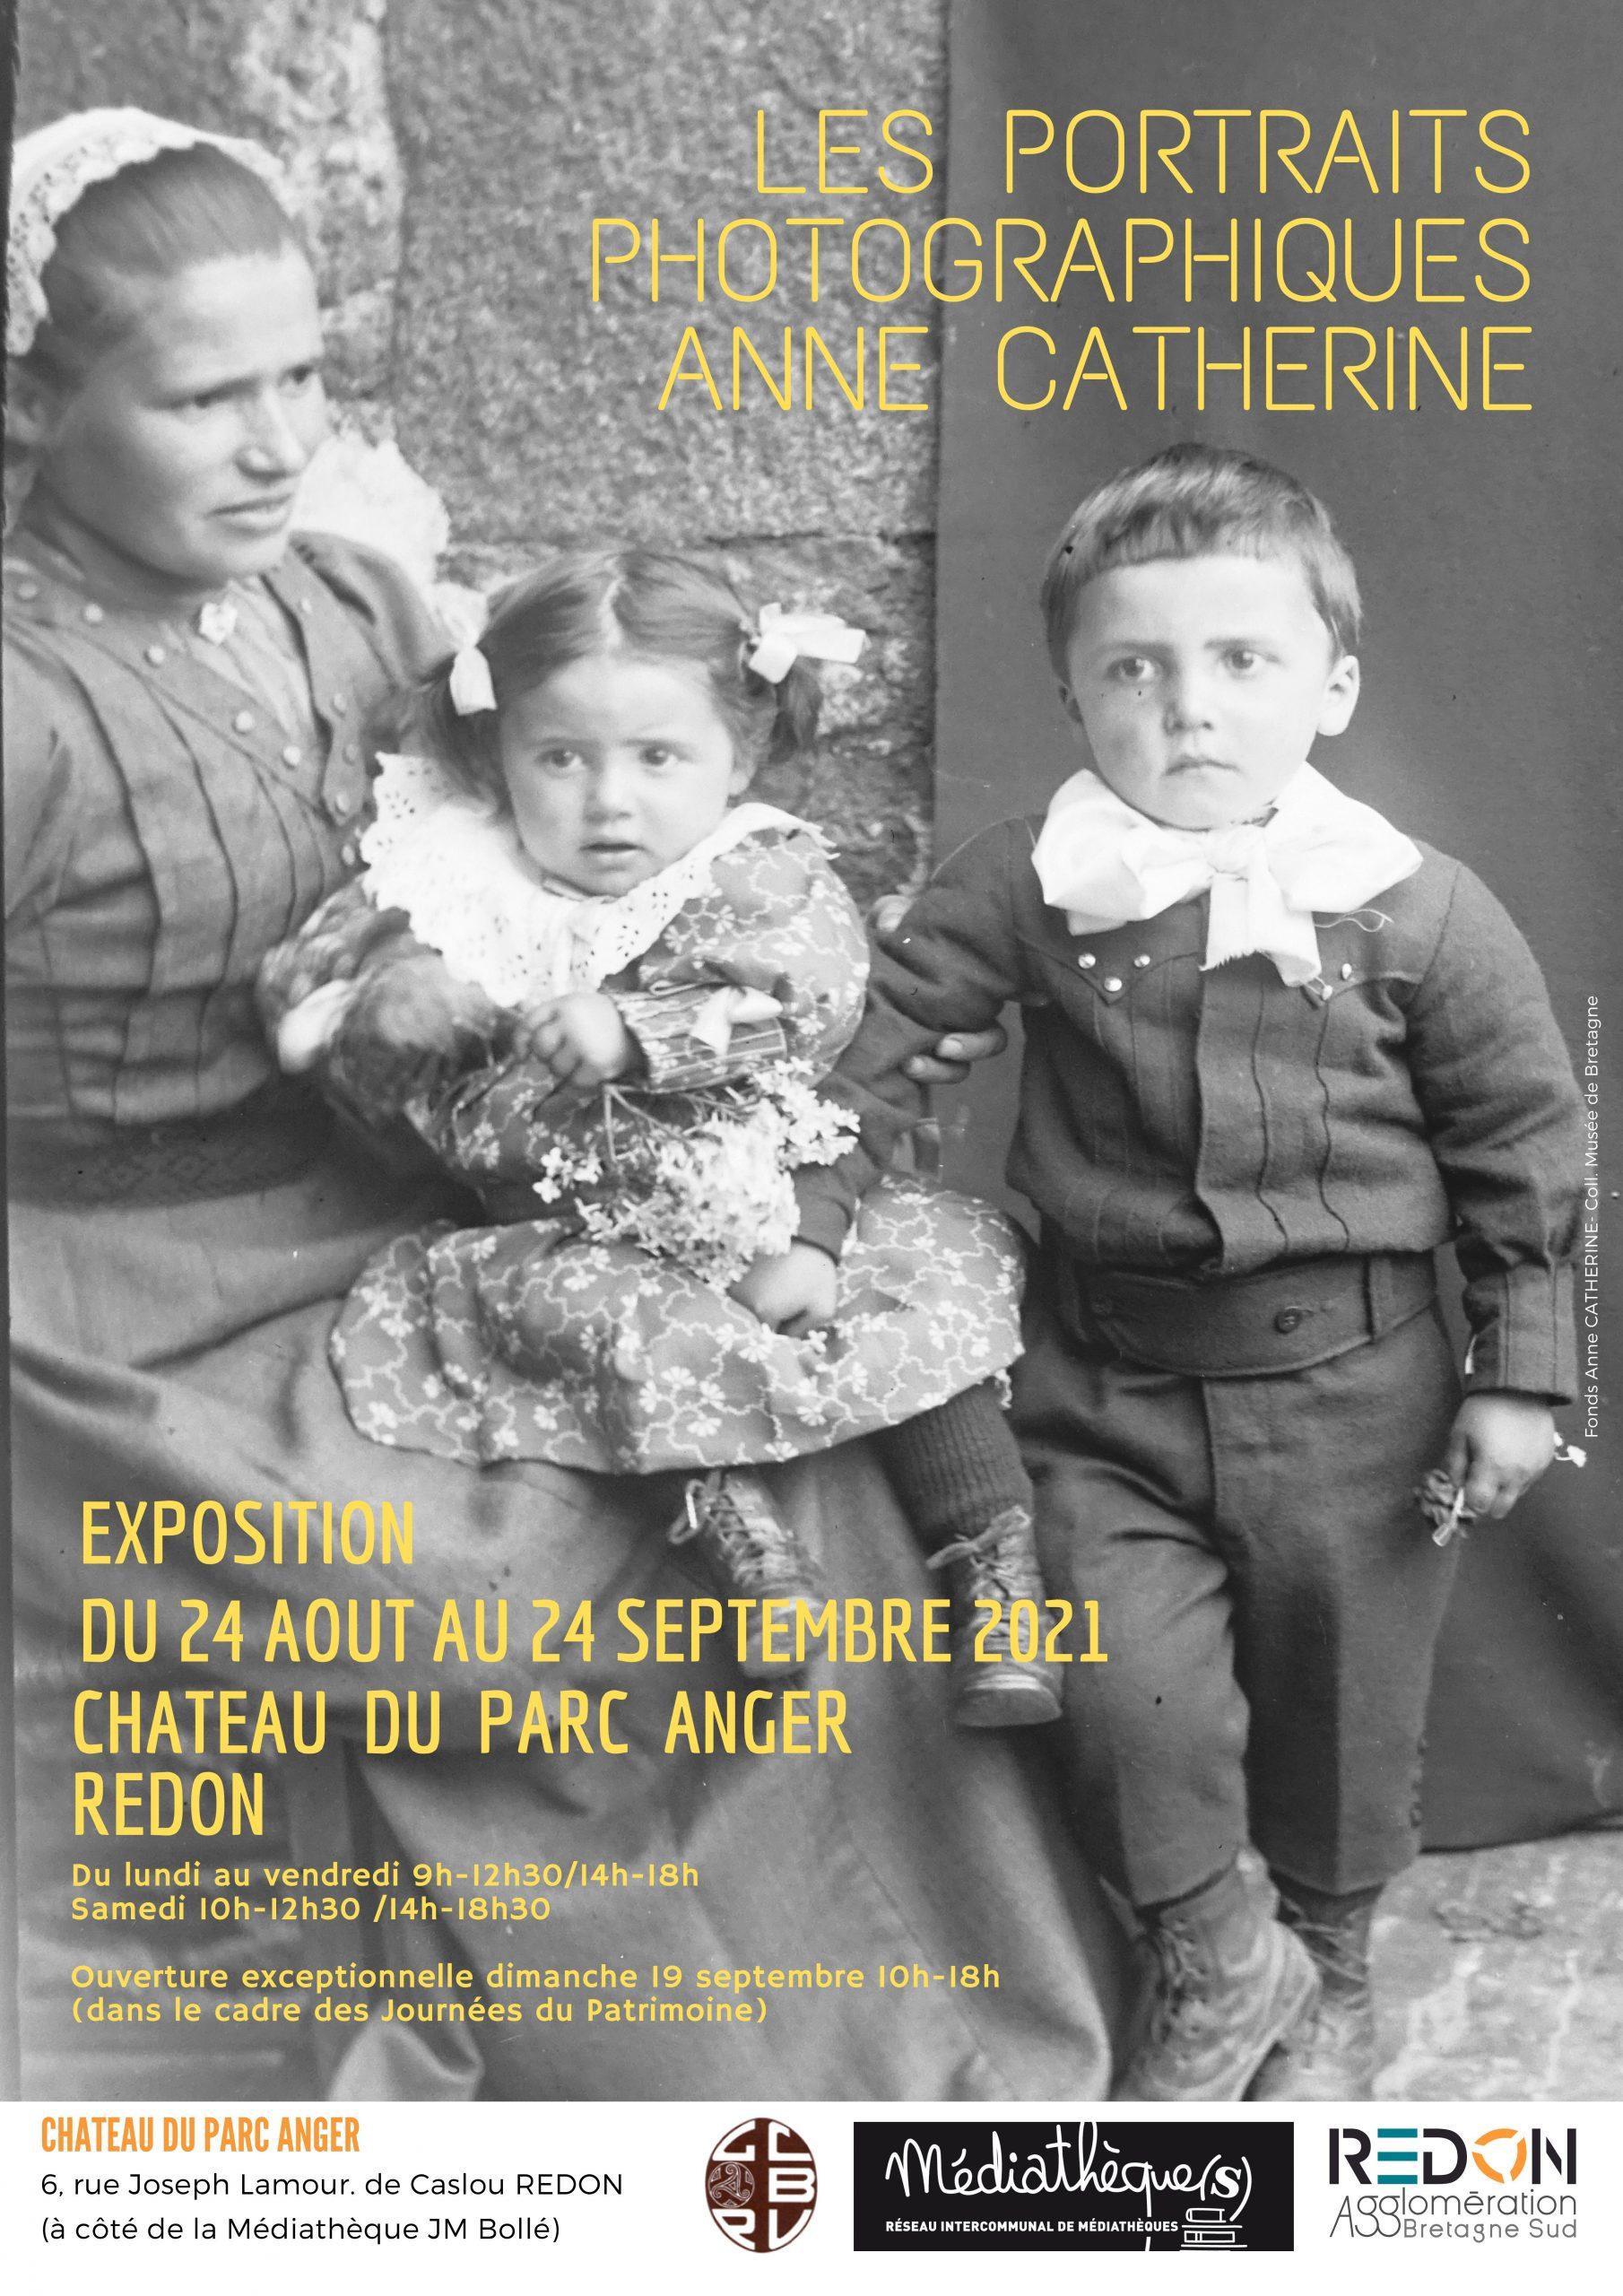 Les portraits photographiques de Anne Catherine